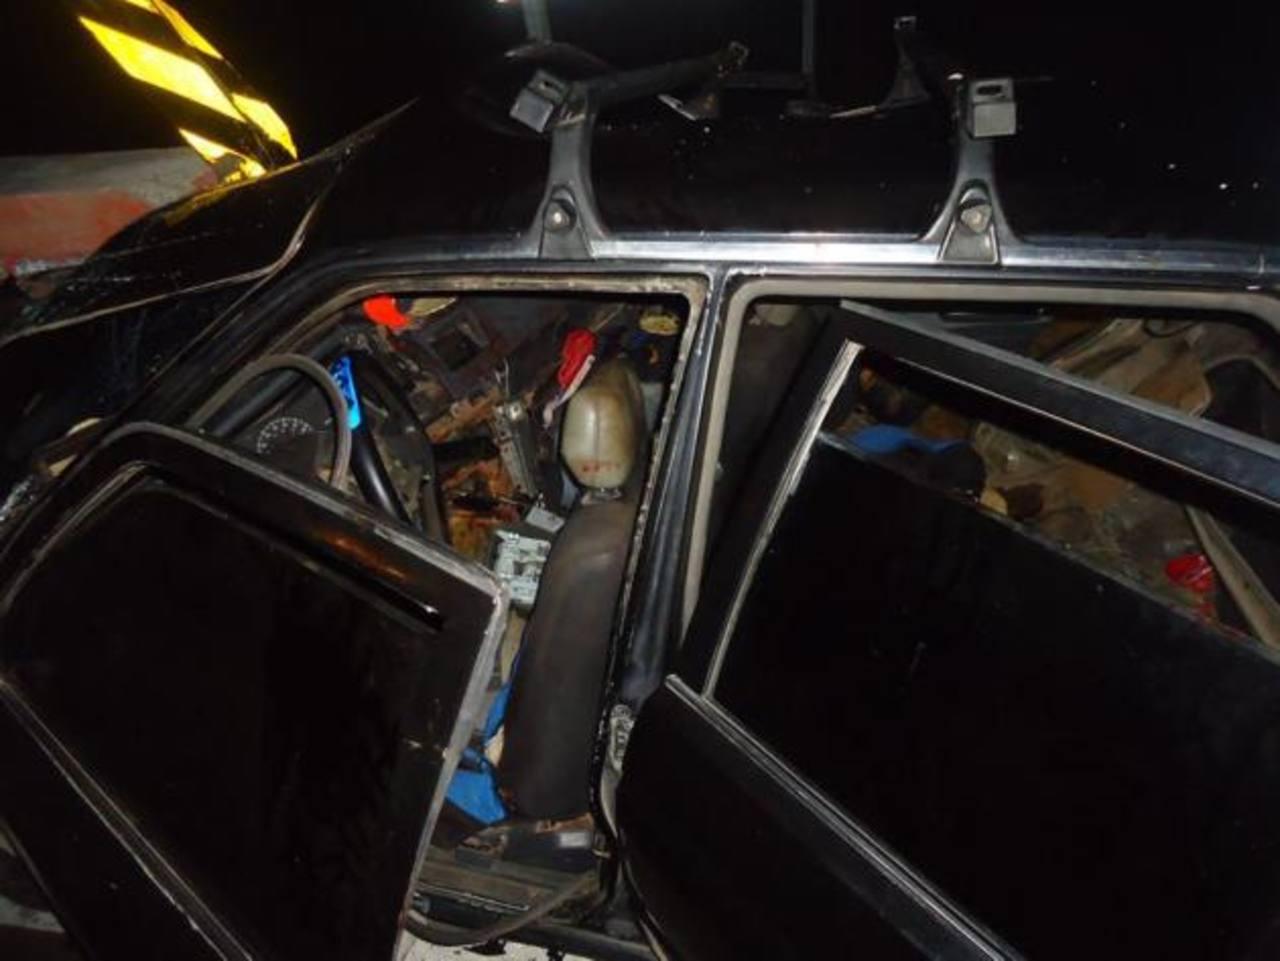 El conductor del auto accidentado está bajo custodia policial. Fotos EDH / Cortesía Bomberos.